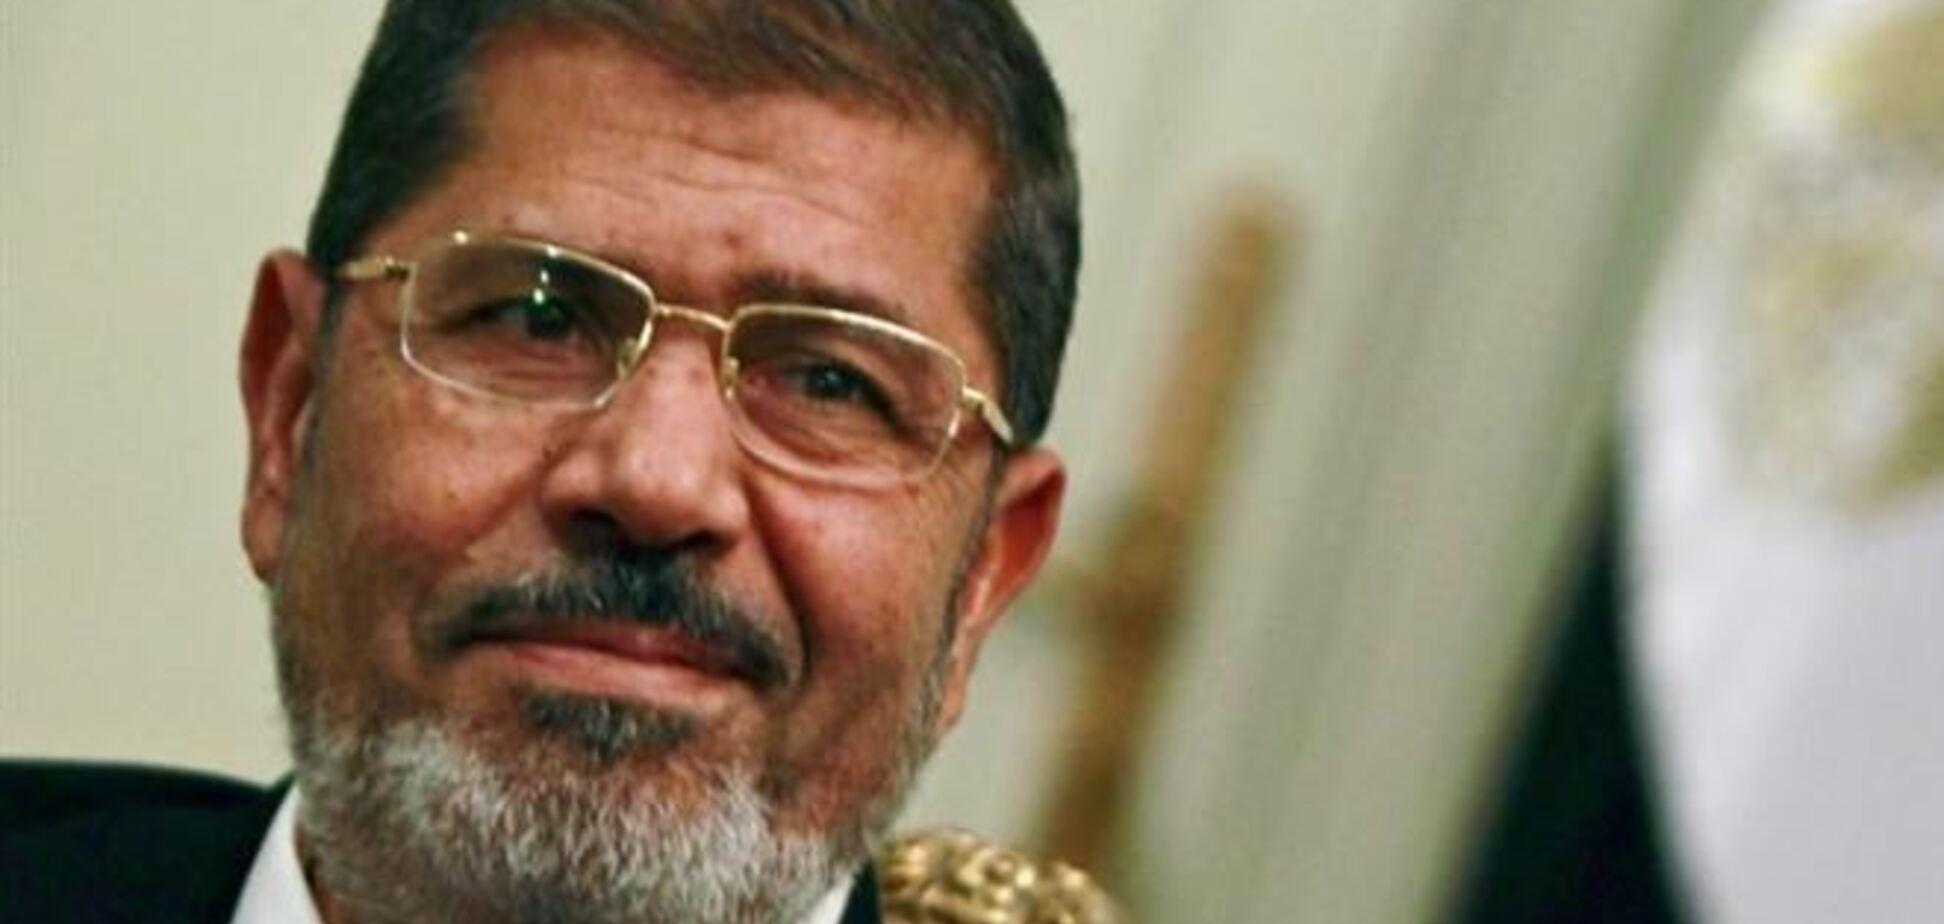 Мурси в суде отказался надеть одежду для предварительно заключенных